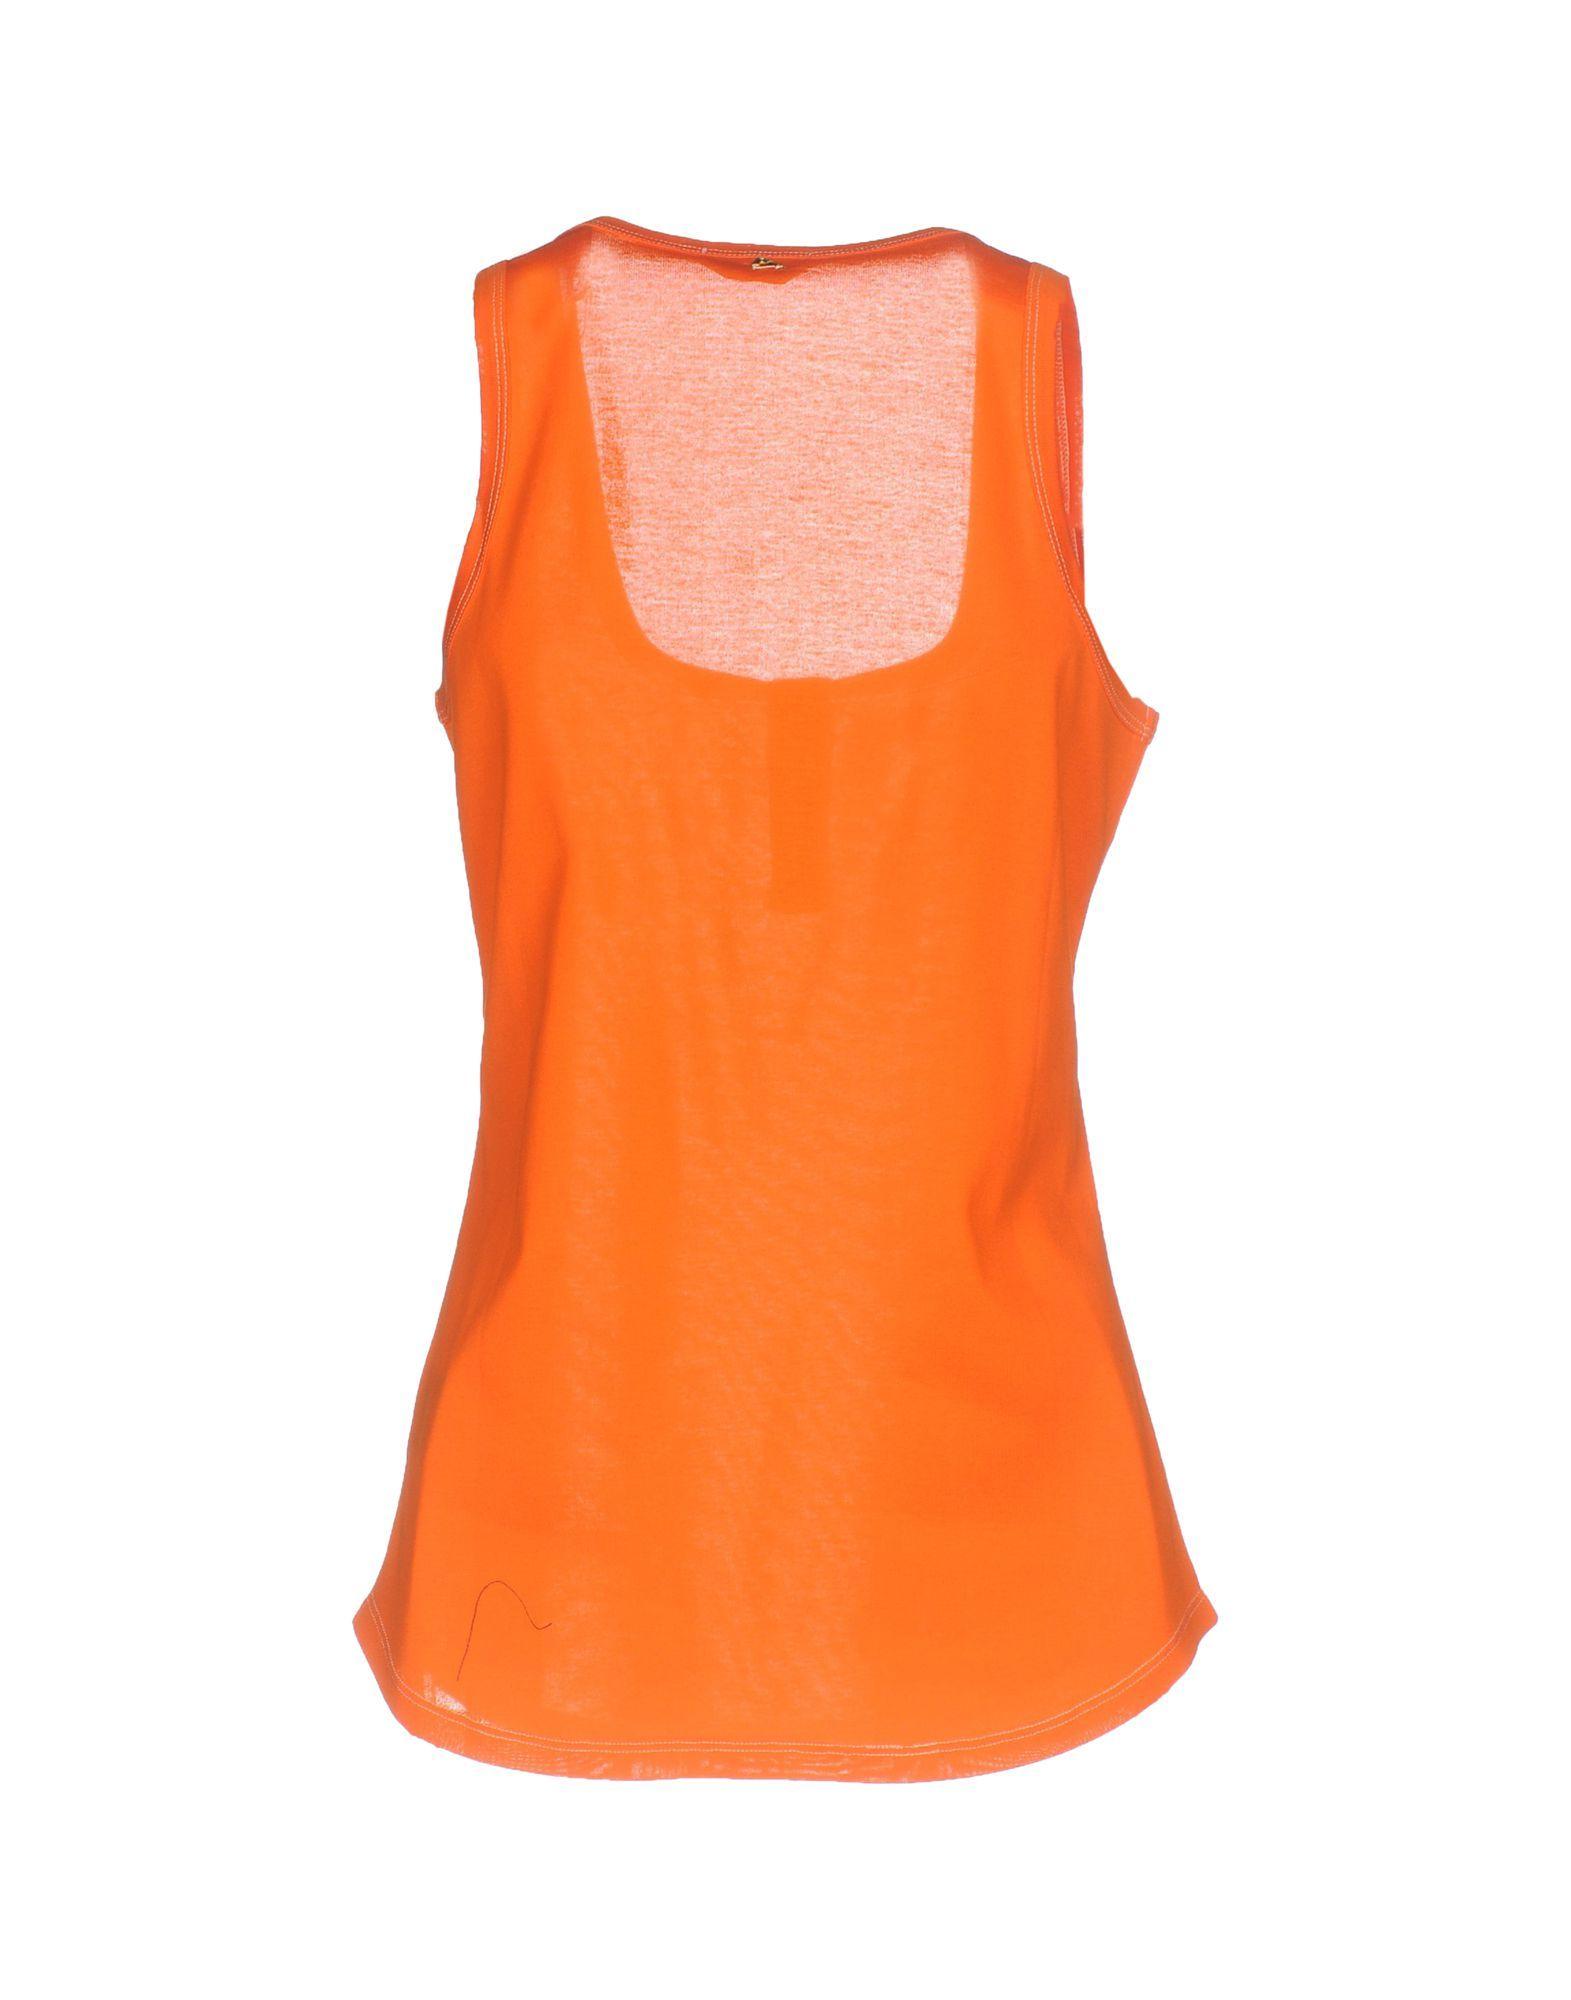 Cycle Orange Cotton Vest Top